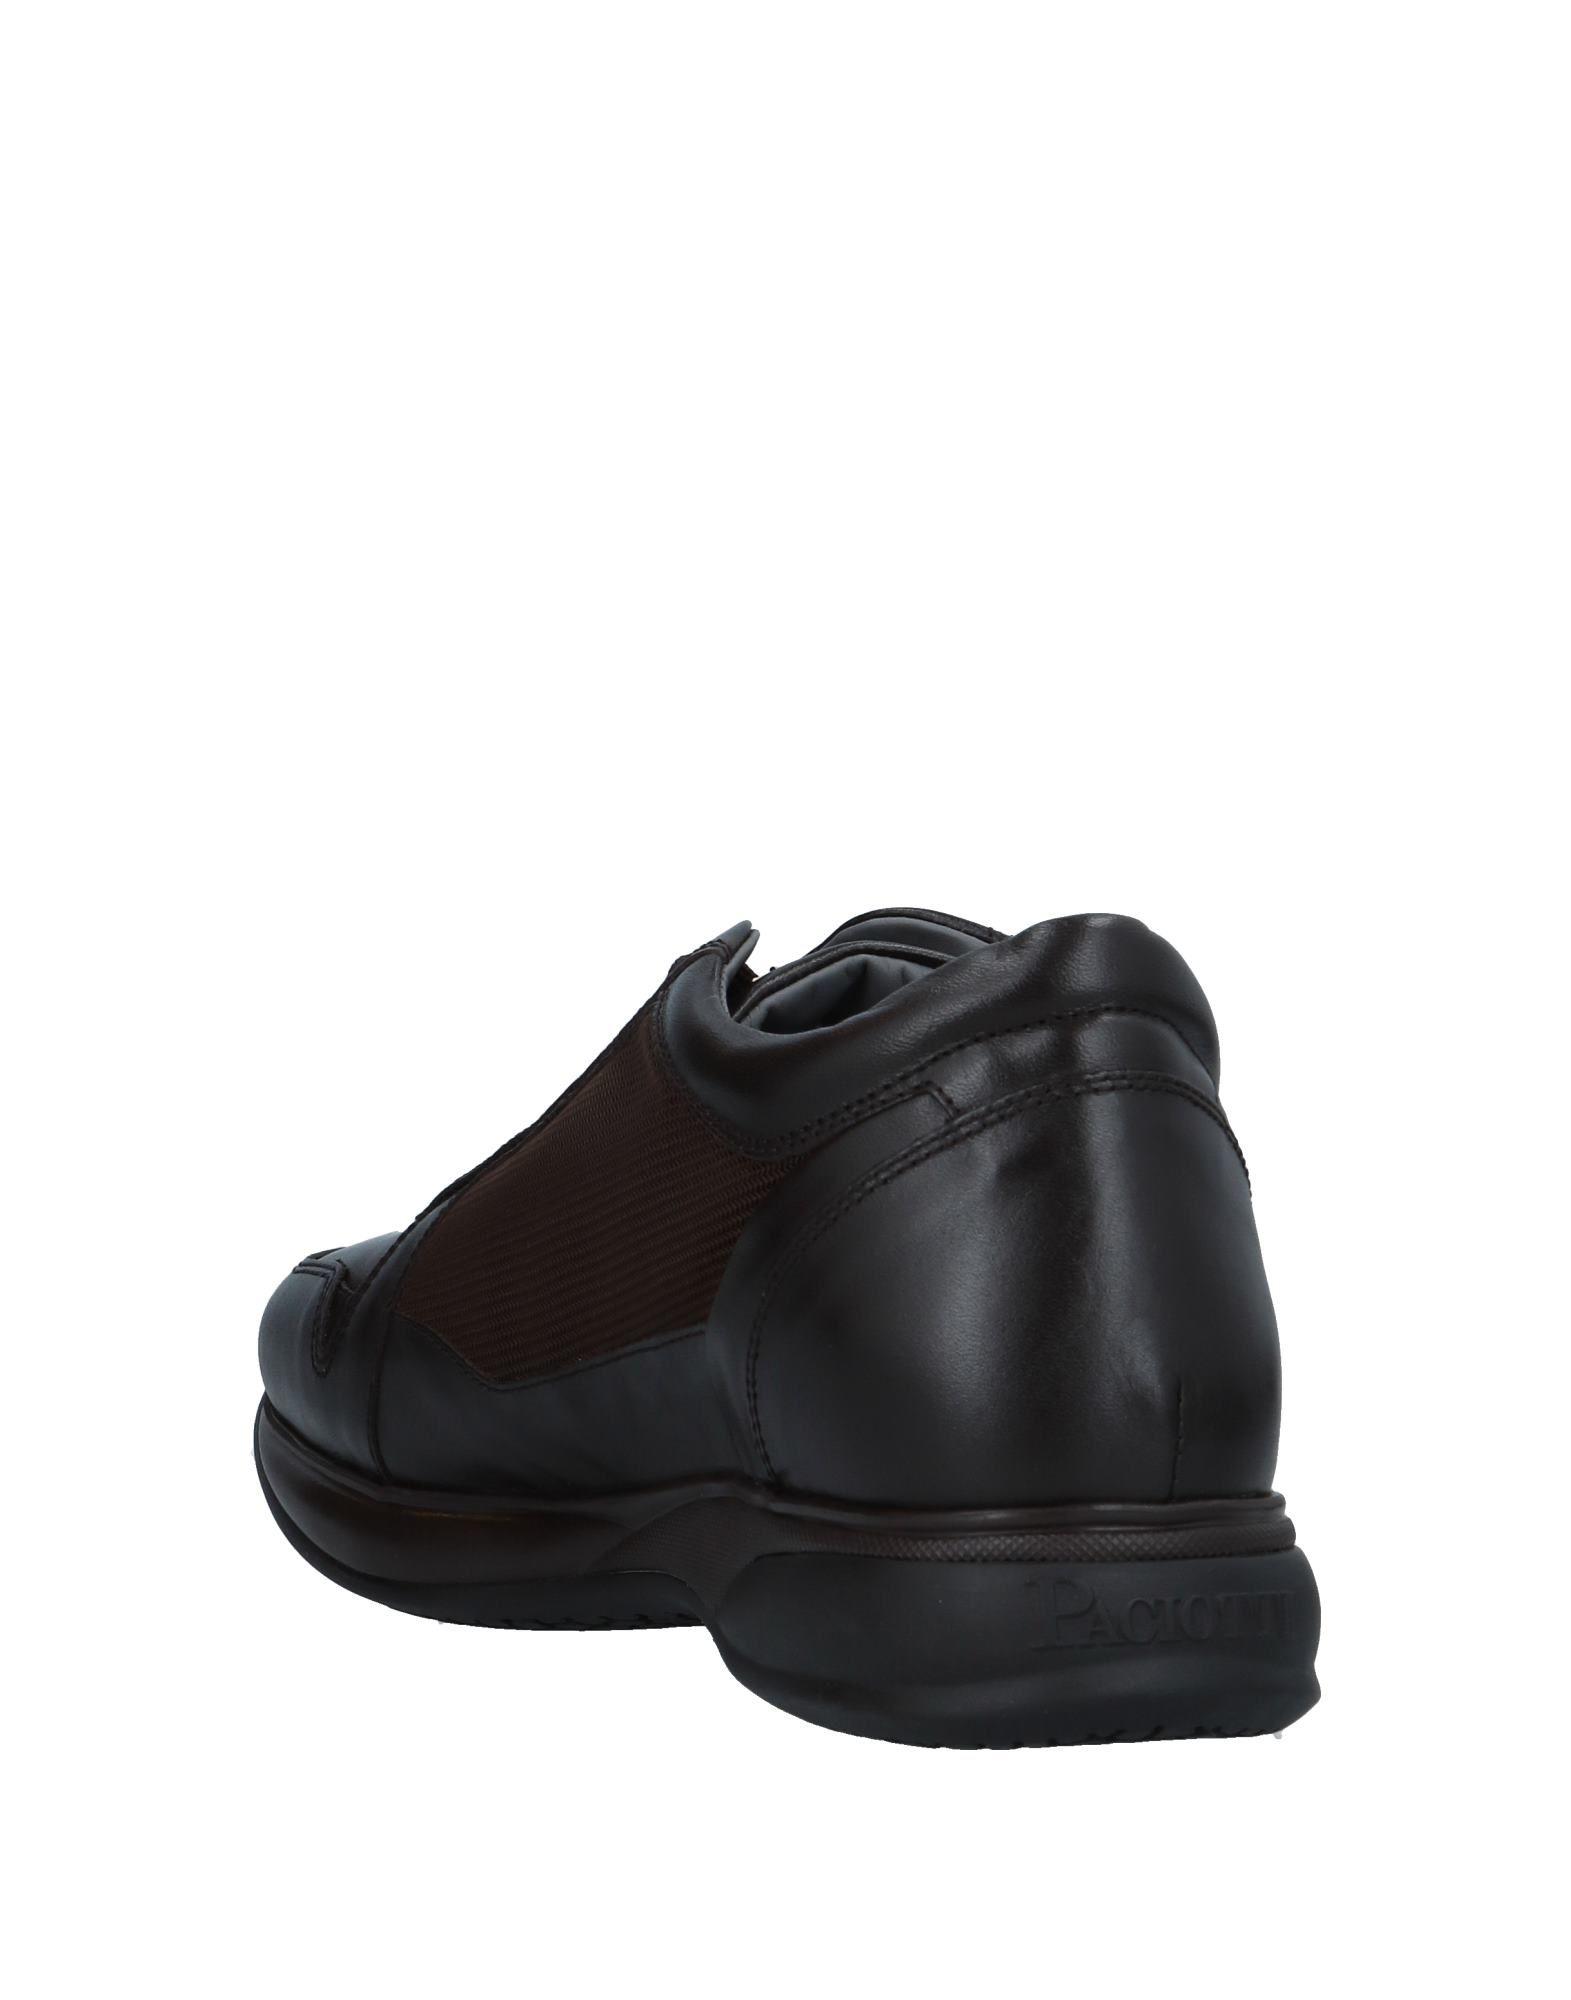 Cesare Paciotti Herren 4Us Sneakers Herren Paciotti  11223017FS 843937